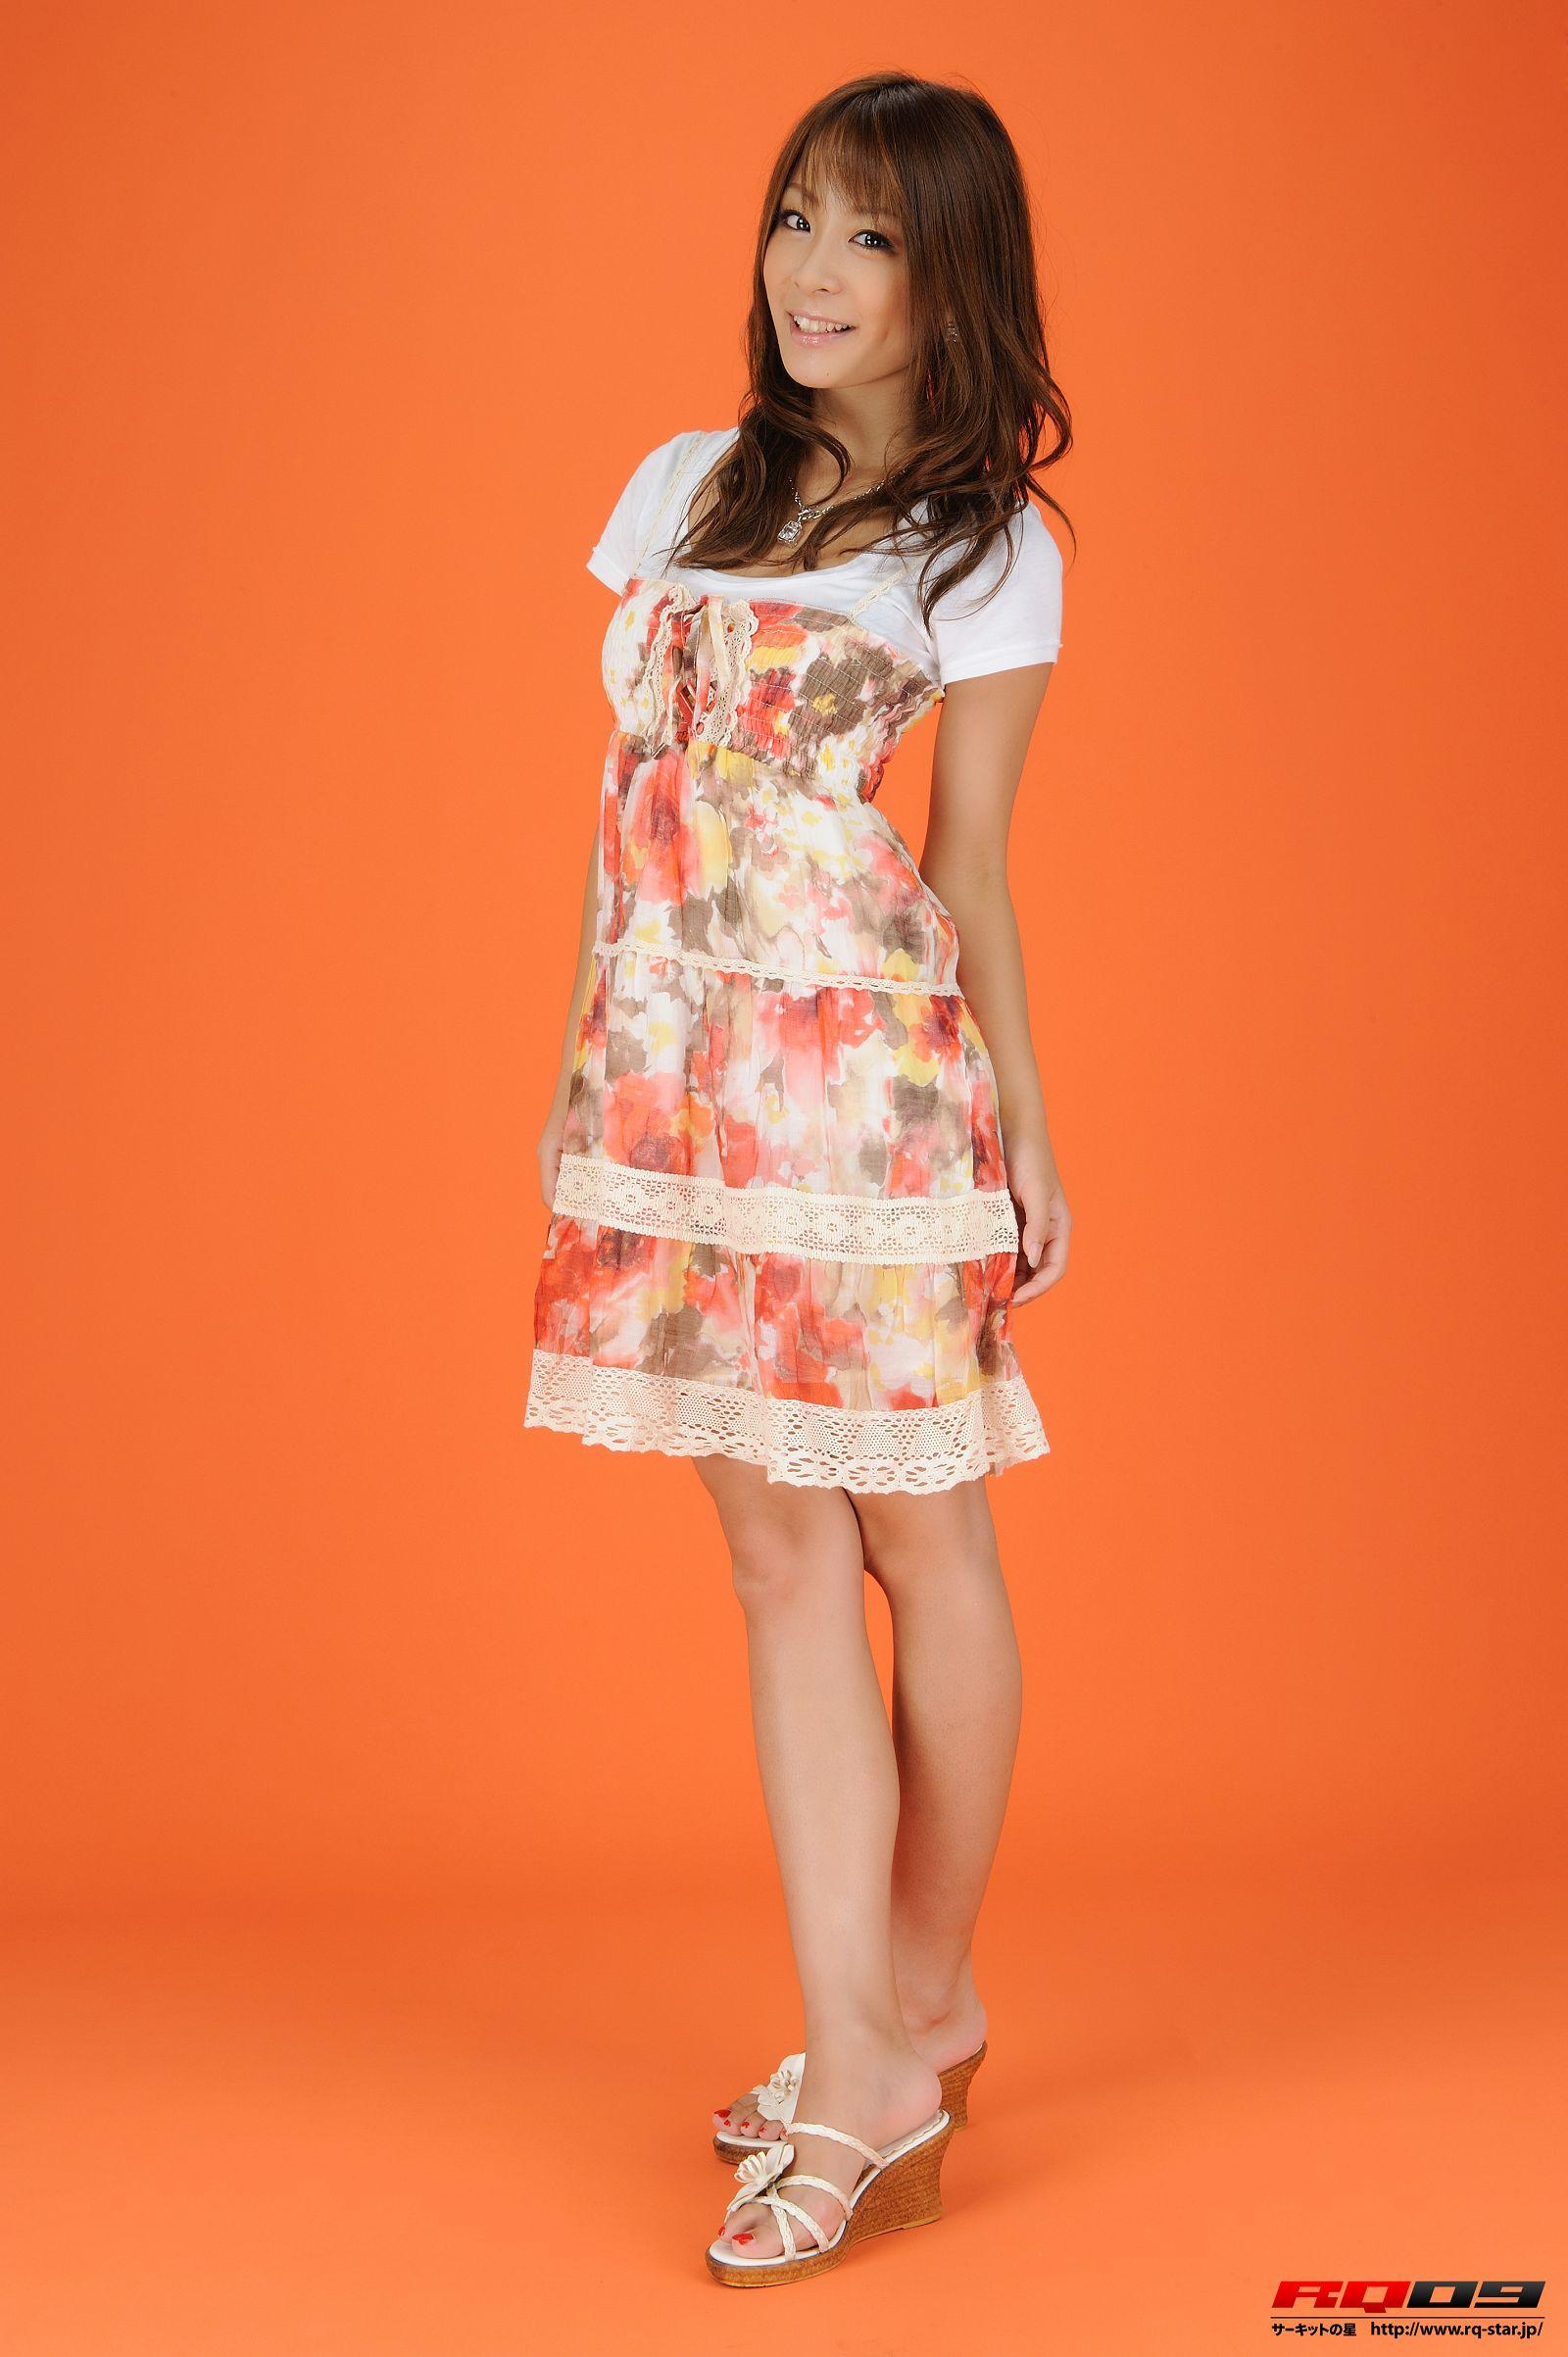 [RQ-STAR美女] NO.0199 Yuuki Aikawa 相川友希 Private Dress1